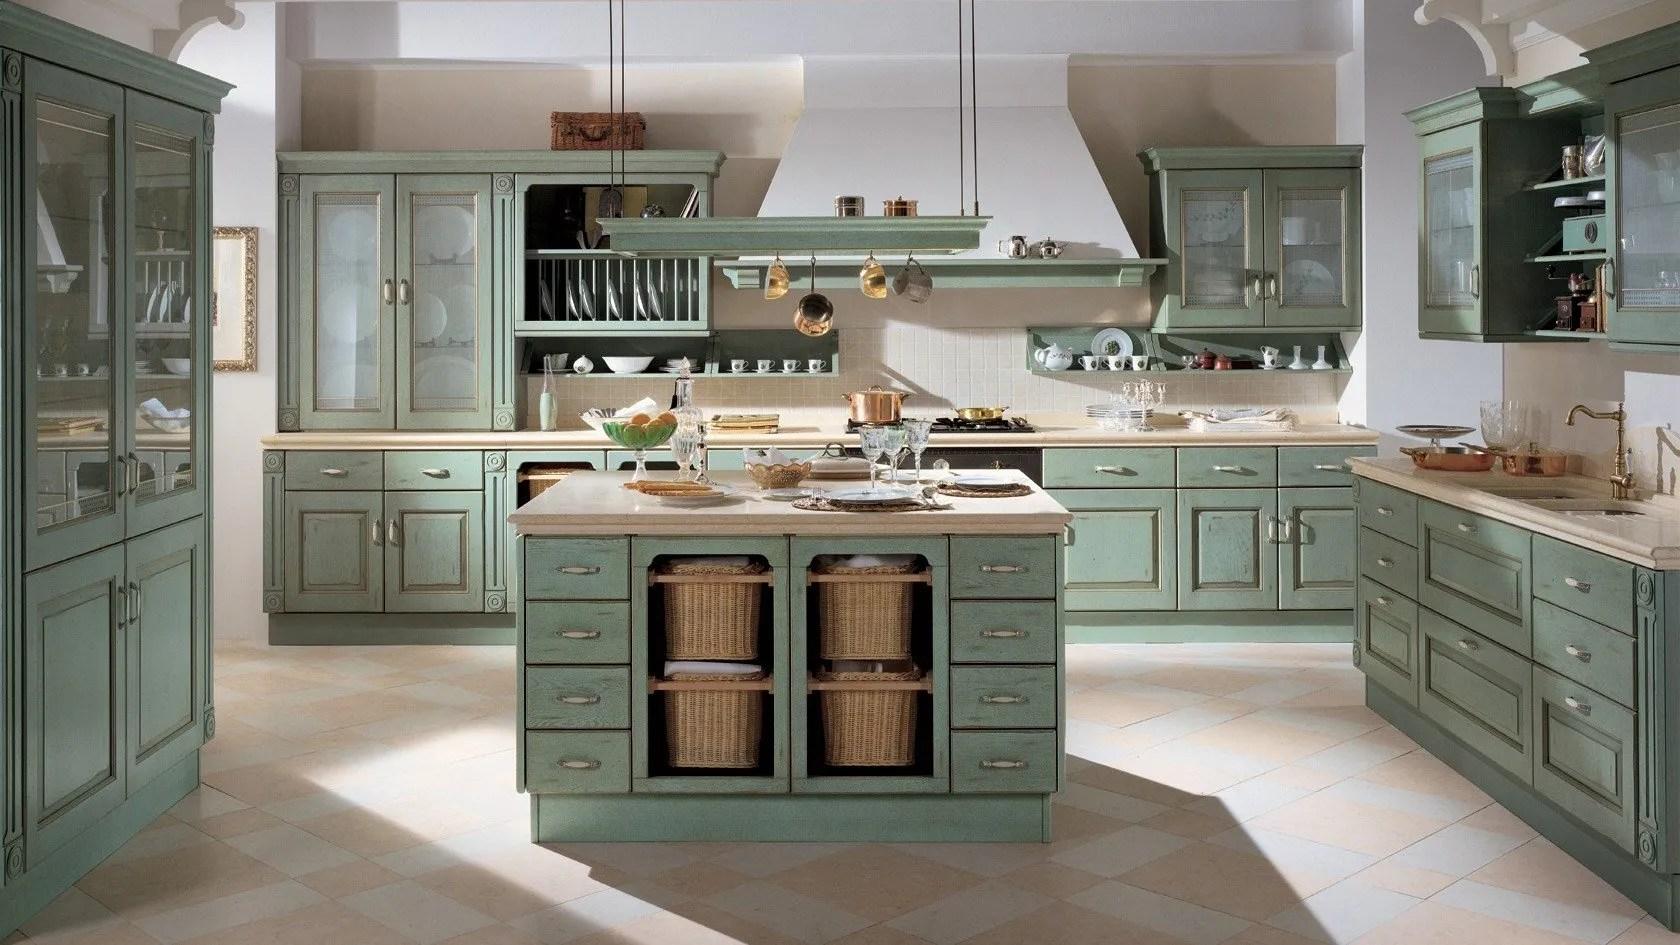 Diseños De Cocinas Integrales Para Casas Pequeñas | Consejos ...